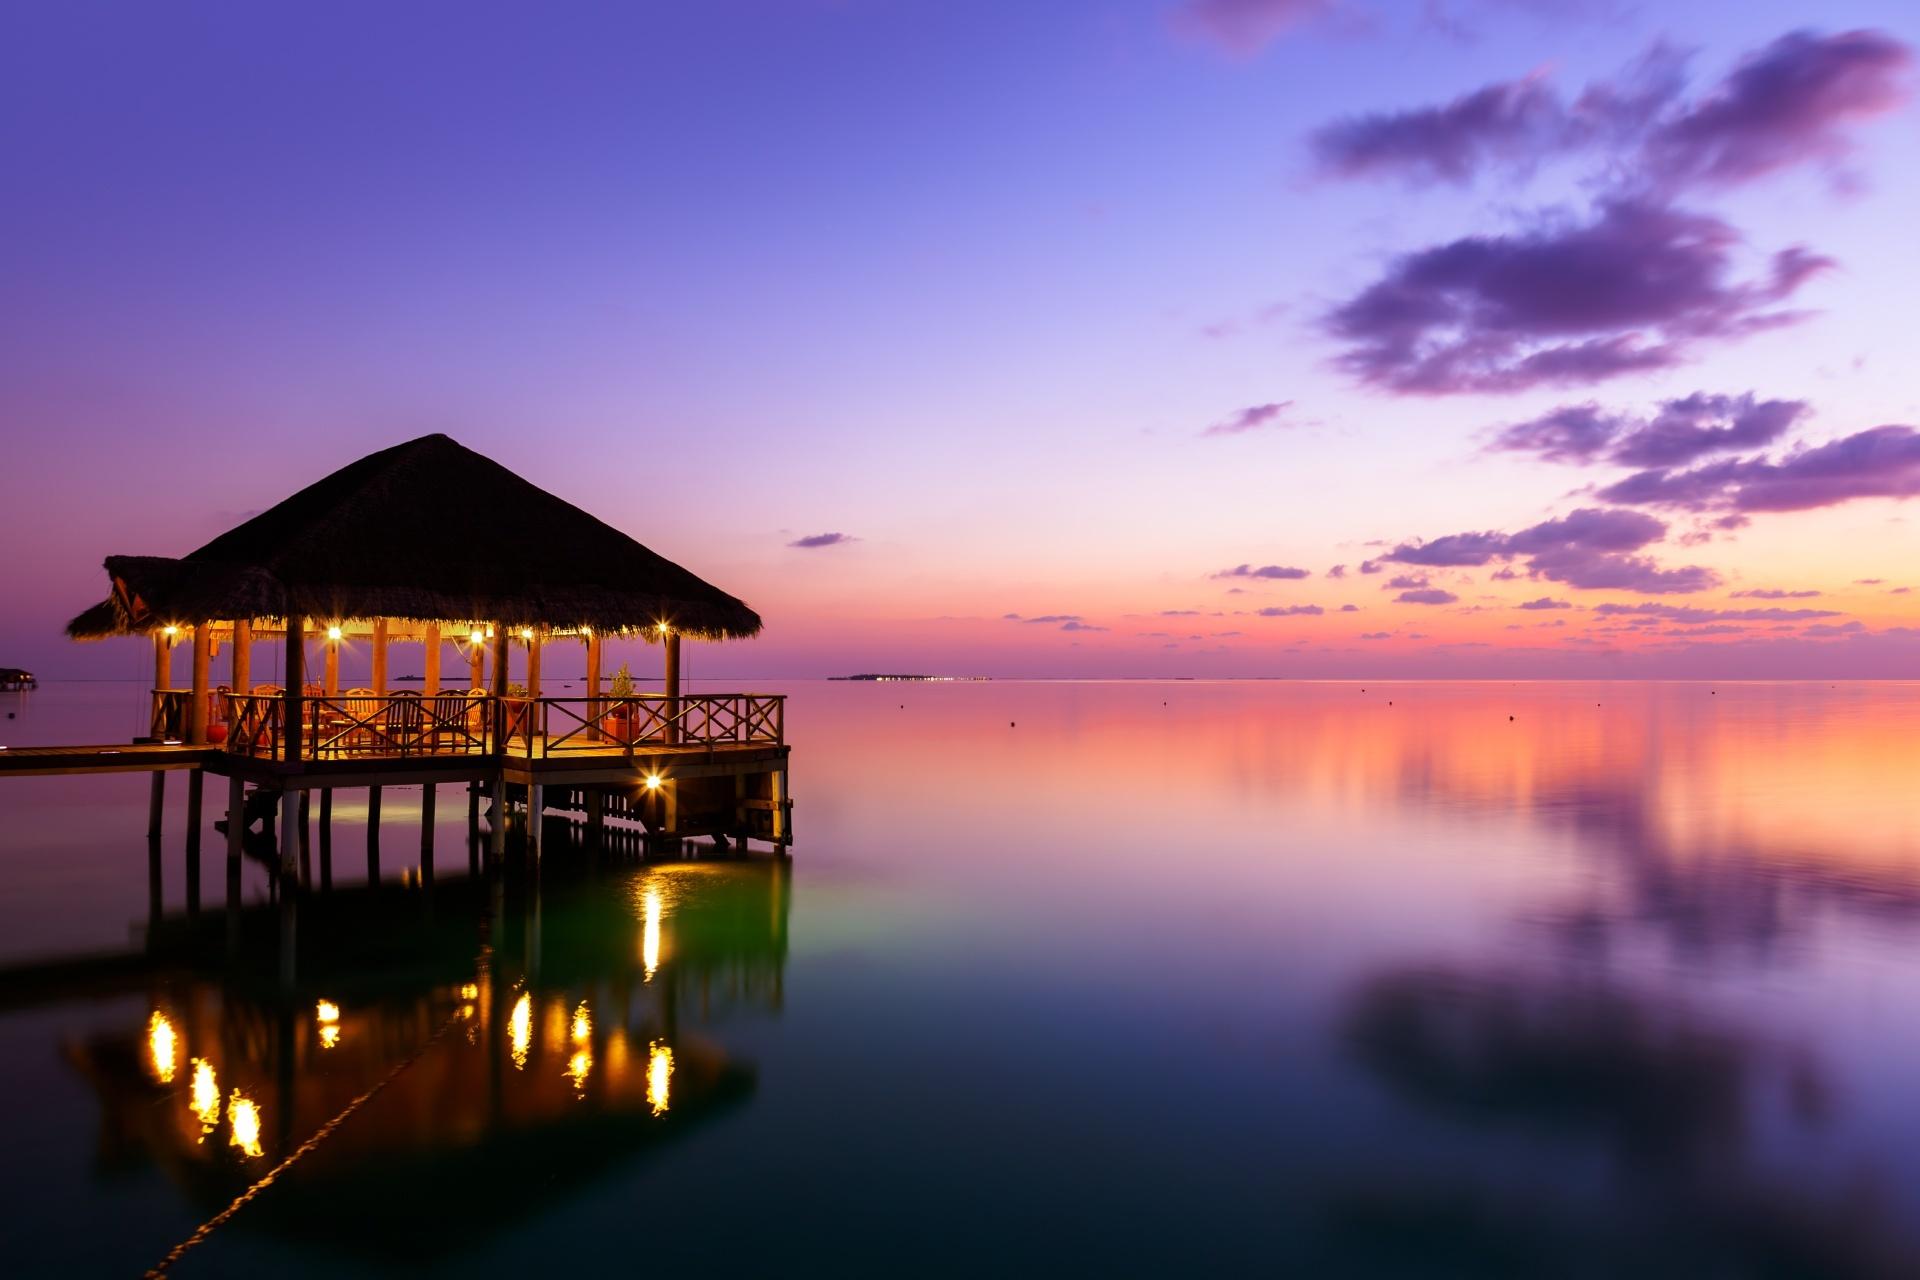 夕暮れの海 モルディブの風景